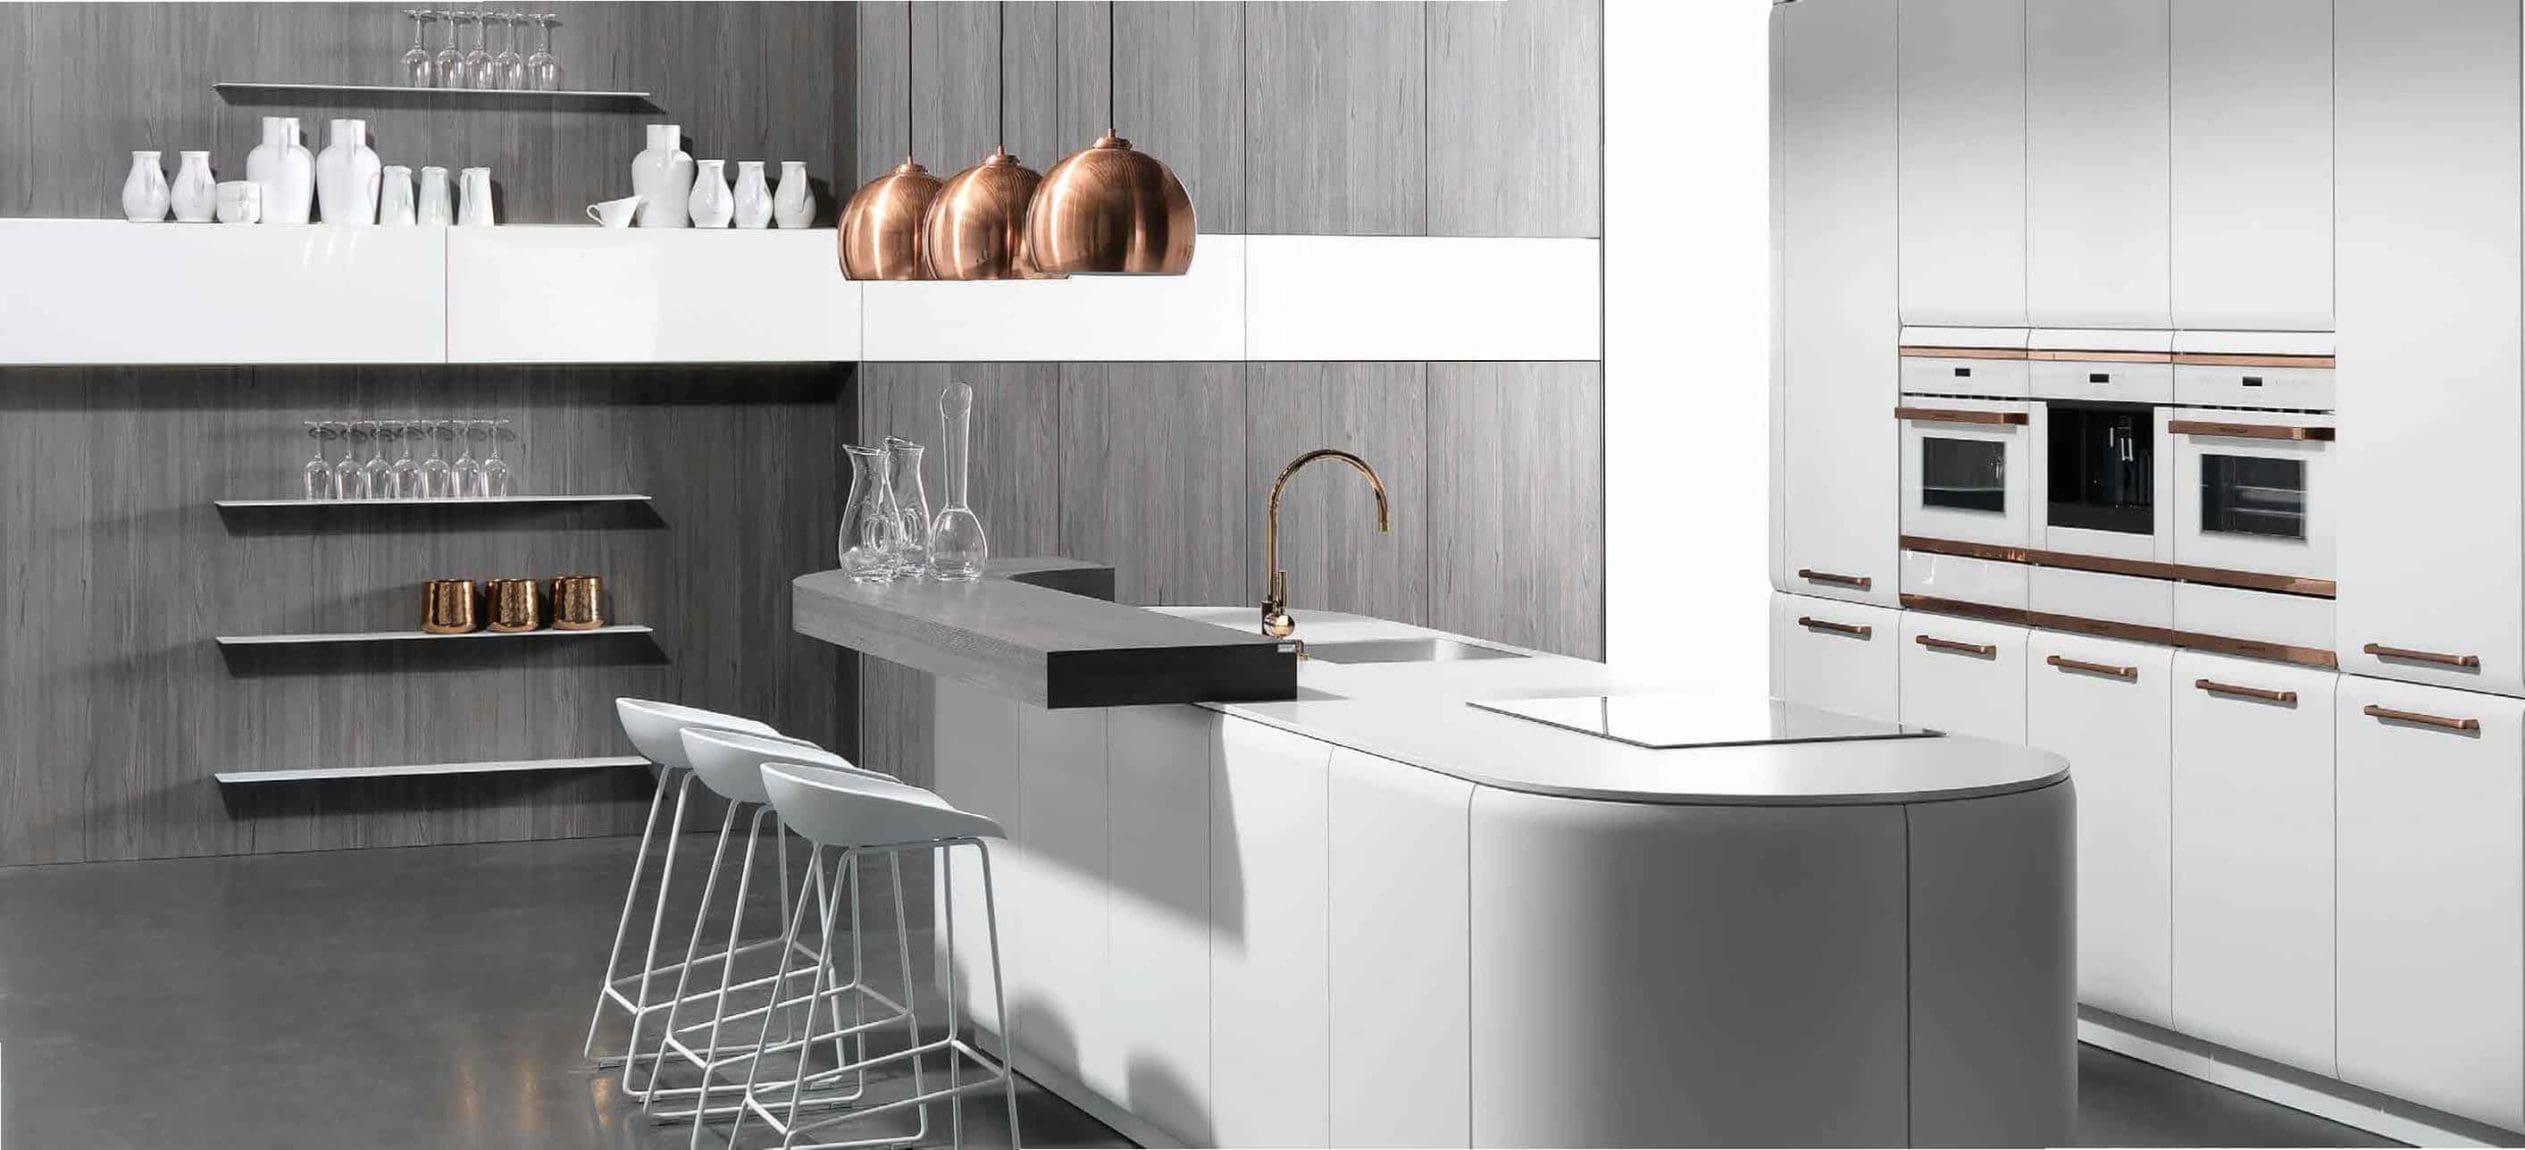 Küchen in weiß - Lieblingsküchen Rostock - wo Sie ihre Küche kaufen